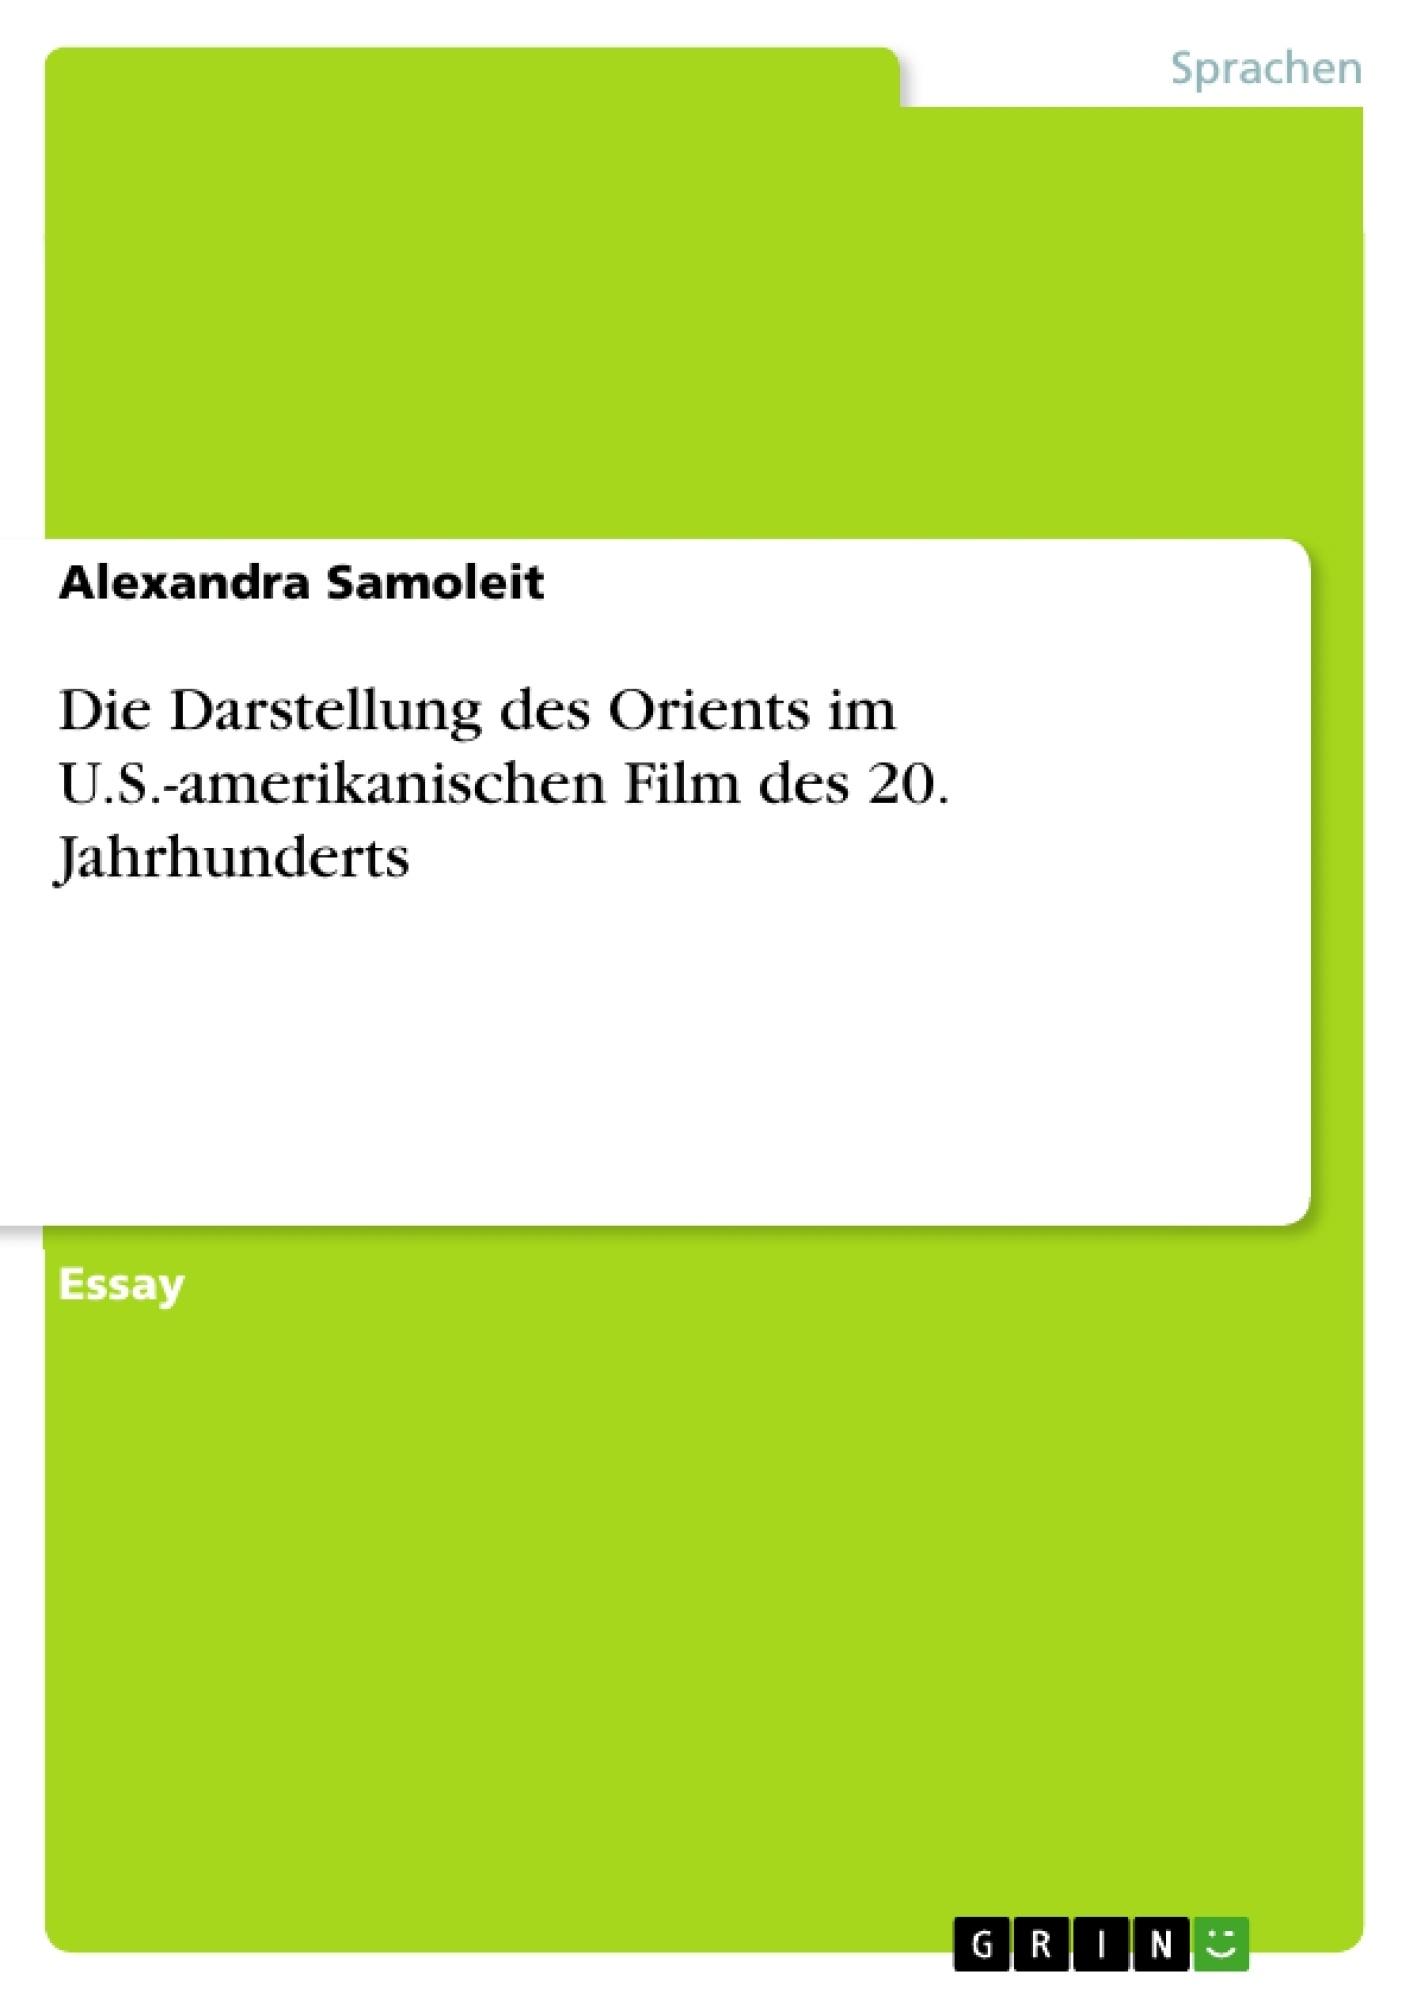 Titel: Die Darstellung des Orients im U.S.-amerikanischen Film des 20. Jahrhunderts